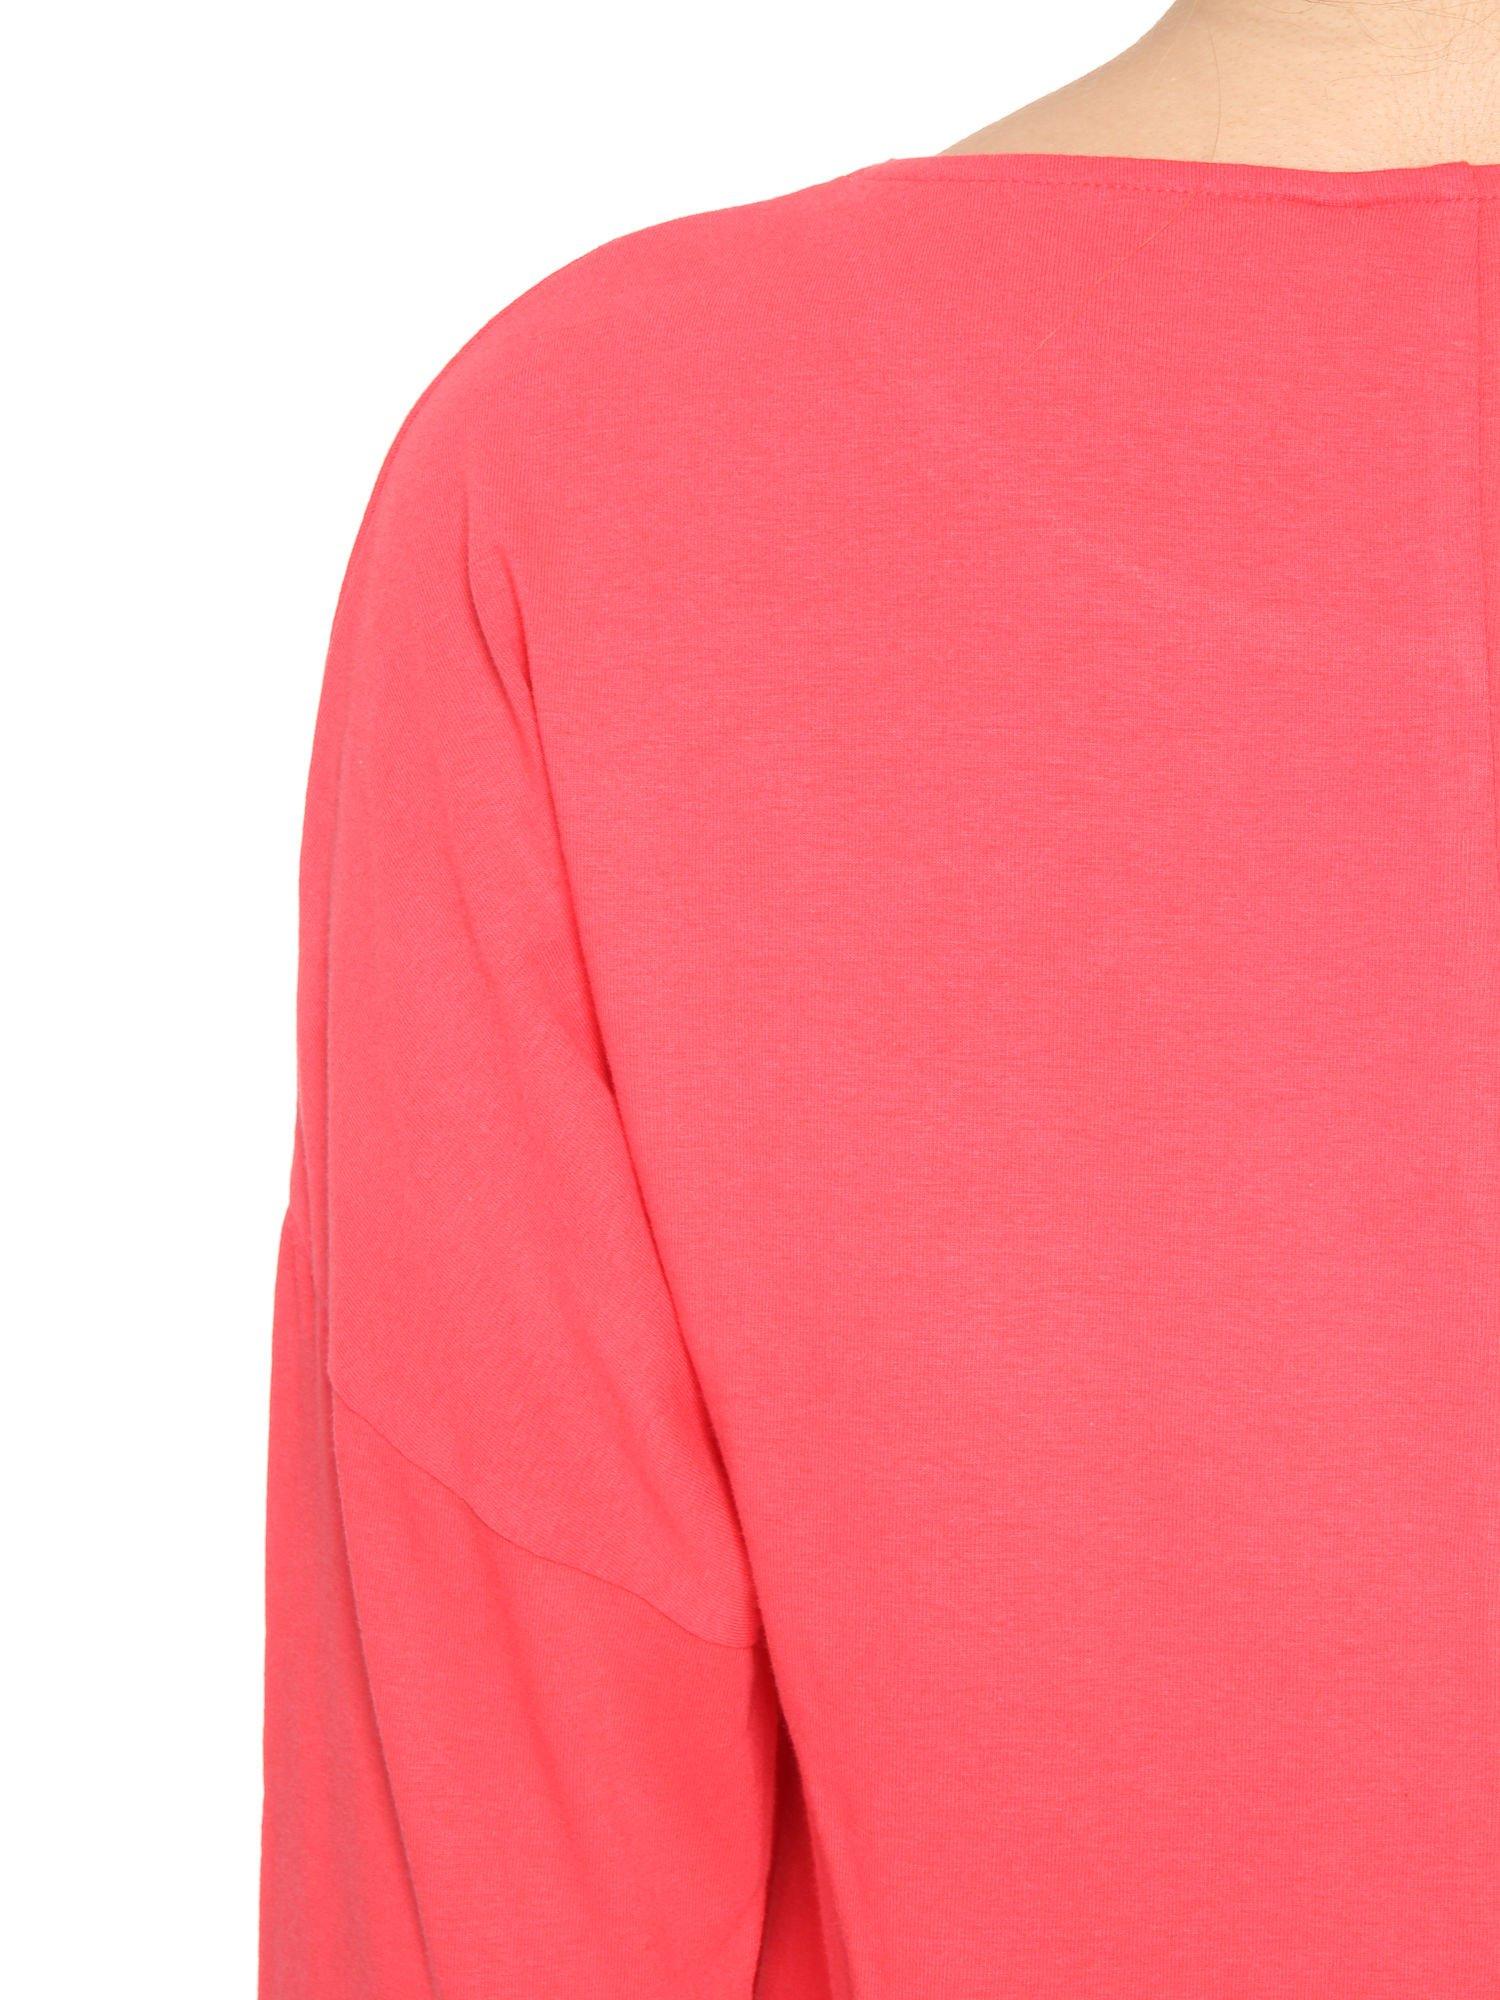 Ciemnokoralowa sukienka dresowa z kieszeniami                                  zdj.                                  11